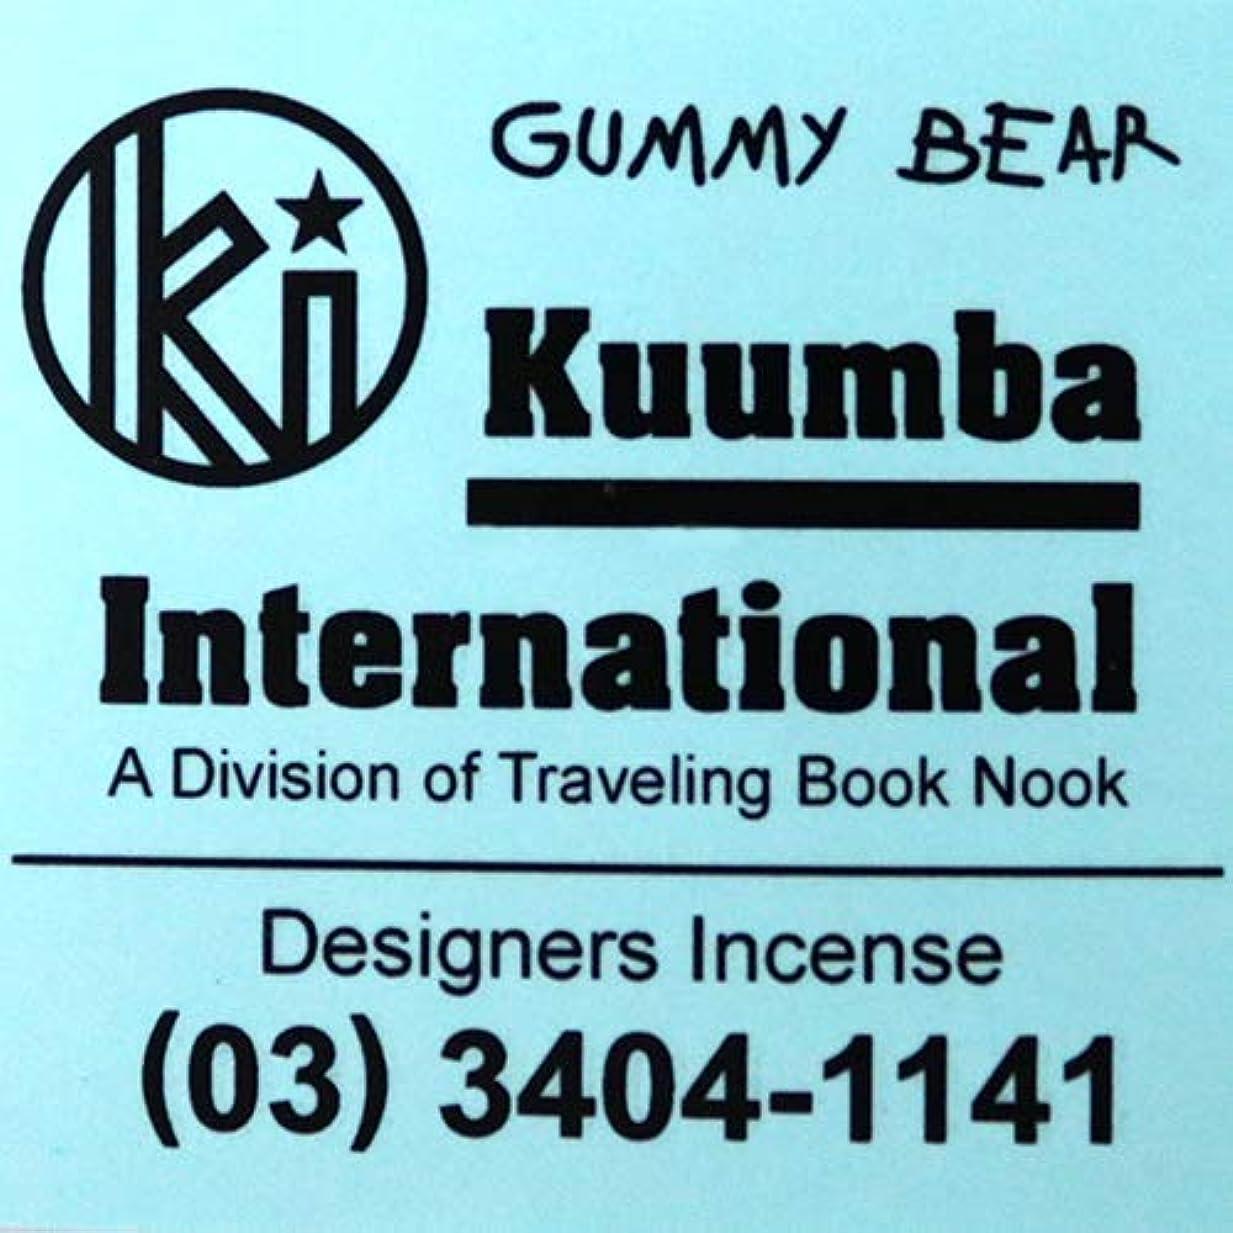 ピンクバット時系列(クンバ) KUUMBA『incense』(GUMMY BEAR) (GUMMY BEAR, Regular size)